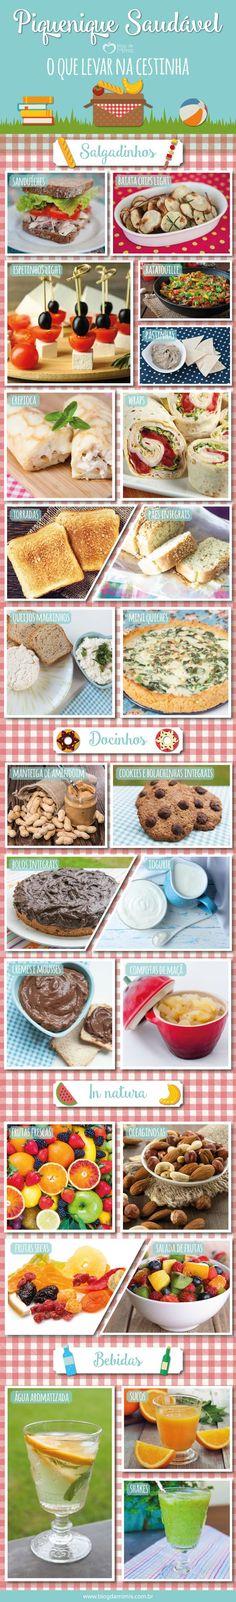 Piquenique saudável: lanches para levar na cestinha - Blog da Mimis - Dicas e receitas de lanches práticos e saudáveis!!